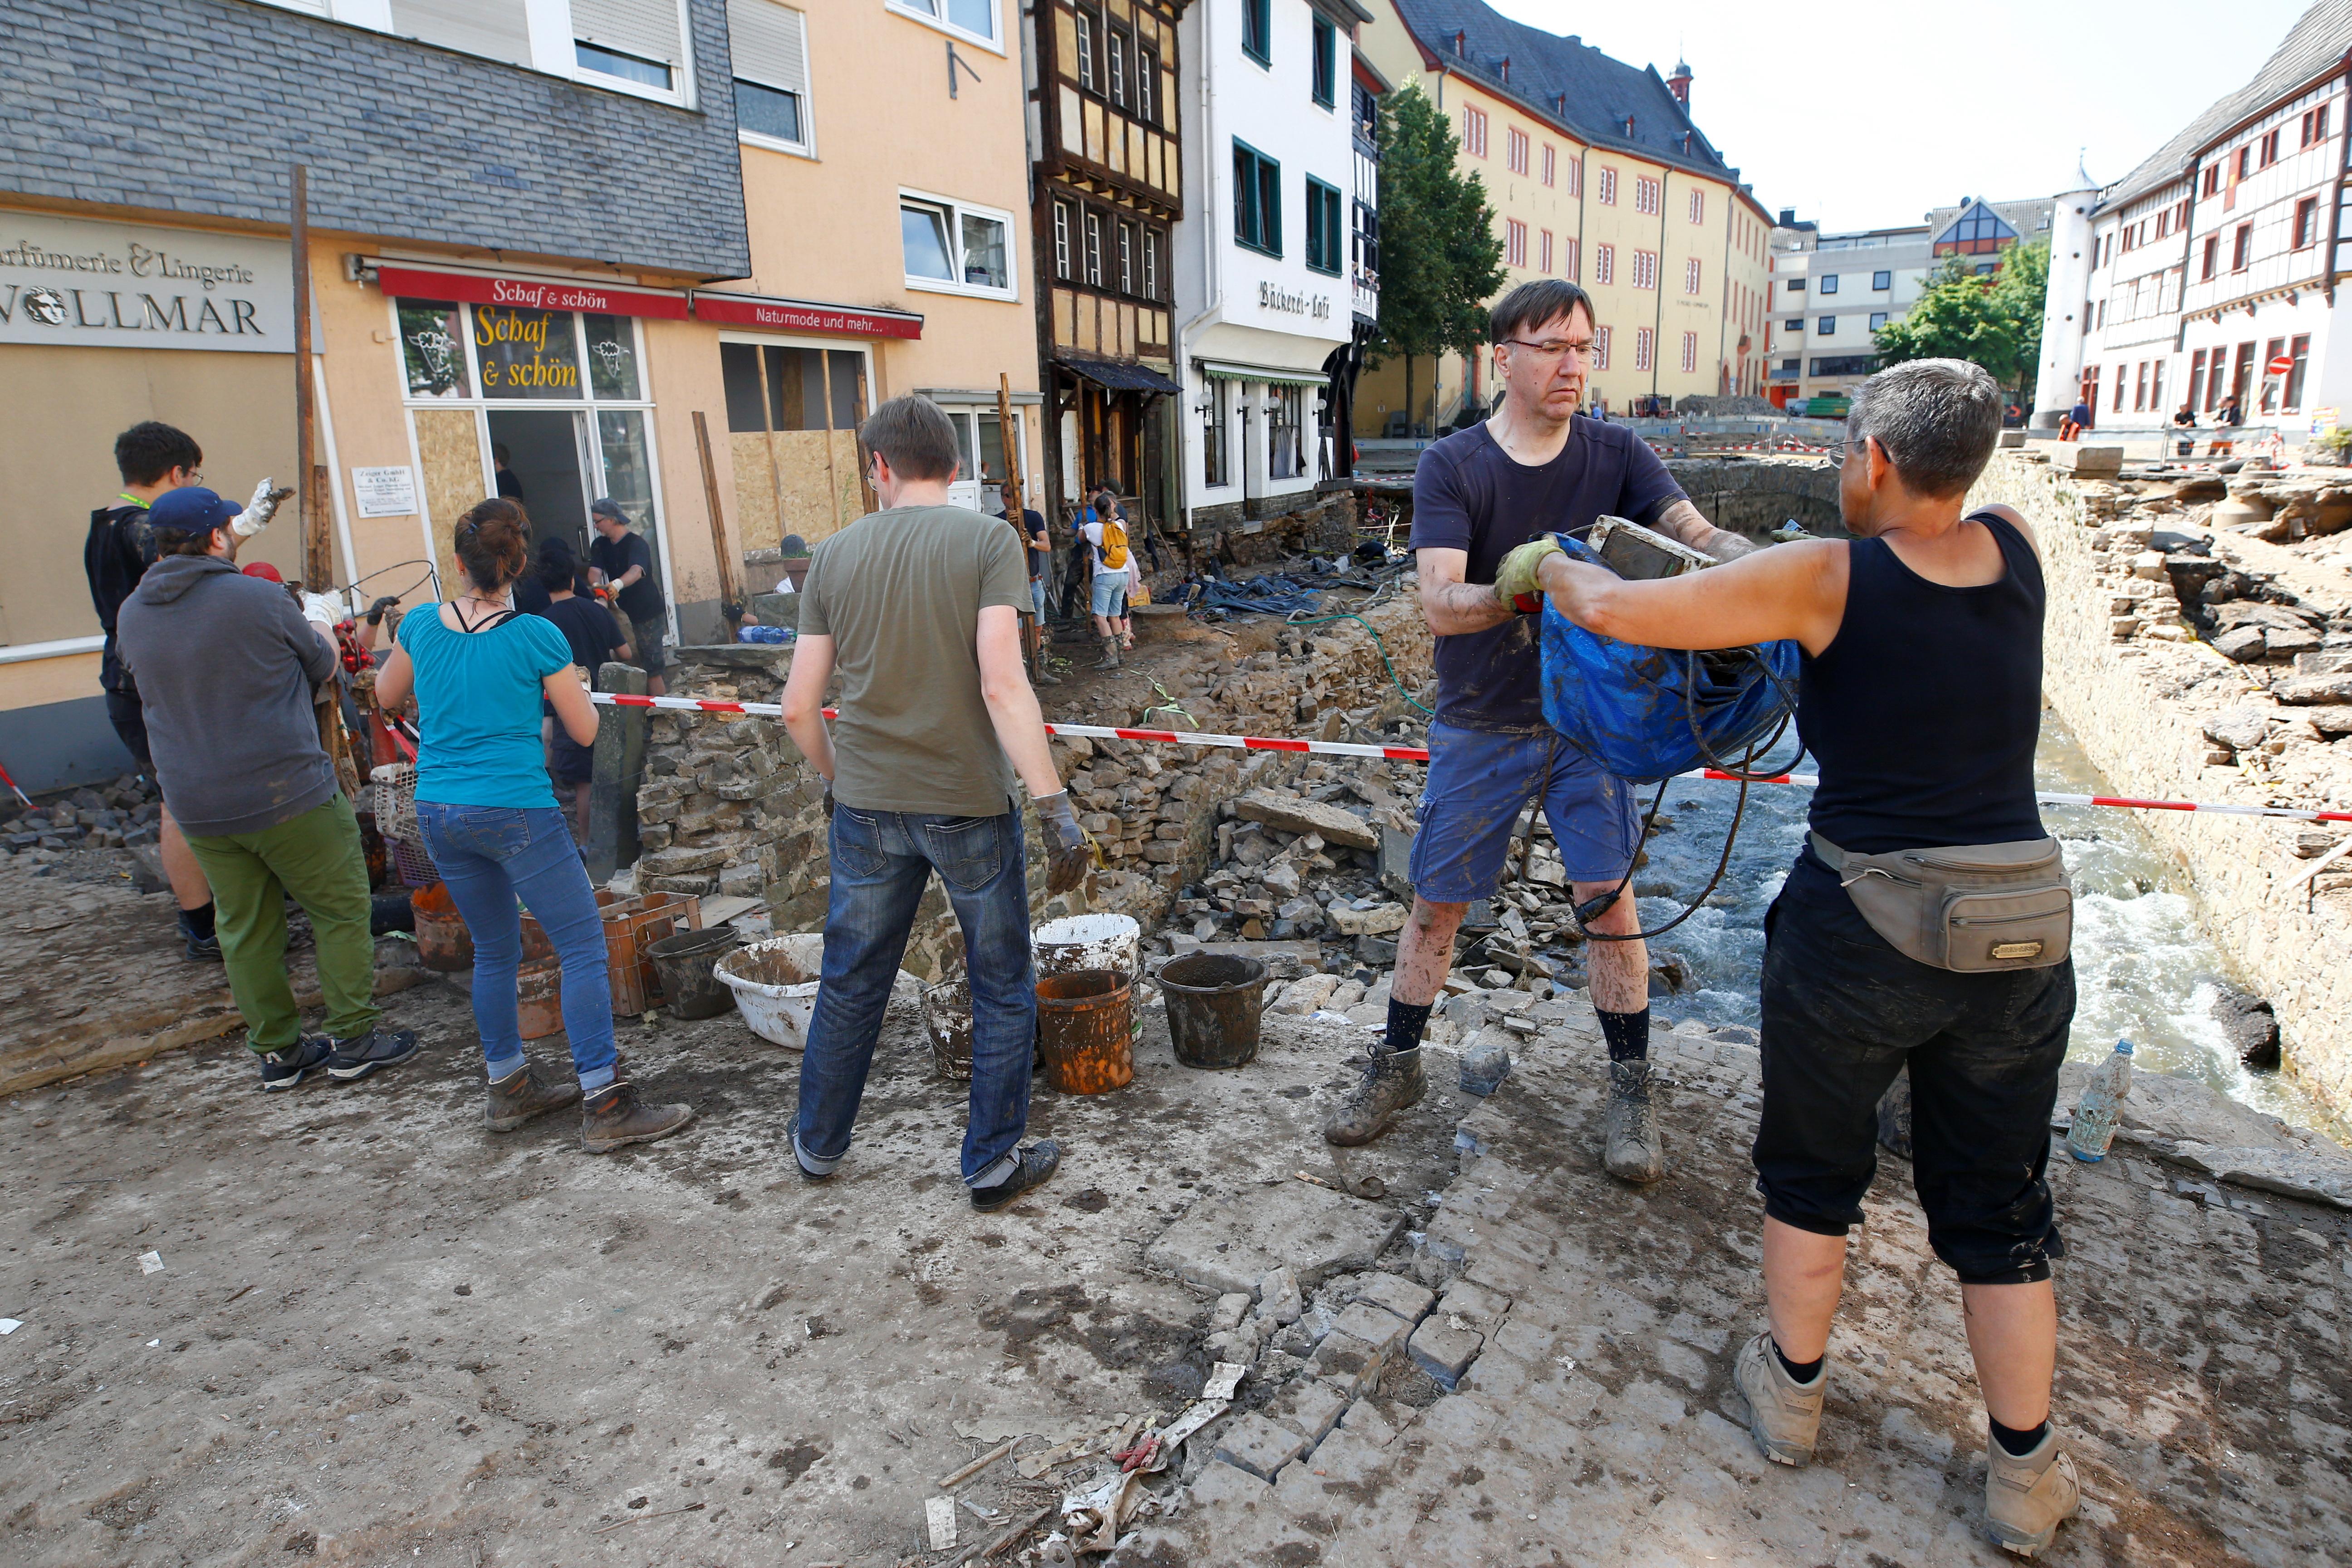 Ljudi uklanjaju smeće i smeće, nakon obilnih kiša, u Bad Muenstereifelu, sjeverna Rajna-Vestfalija, Njemačka, 21. srpnja 2021. REUTERS / Thilo Schmuelgen